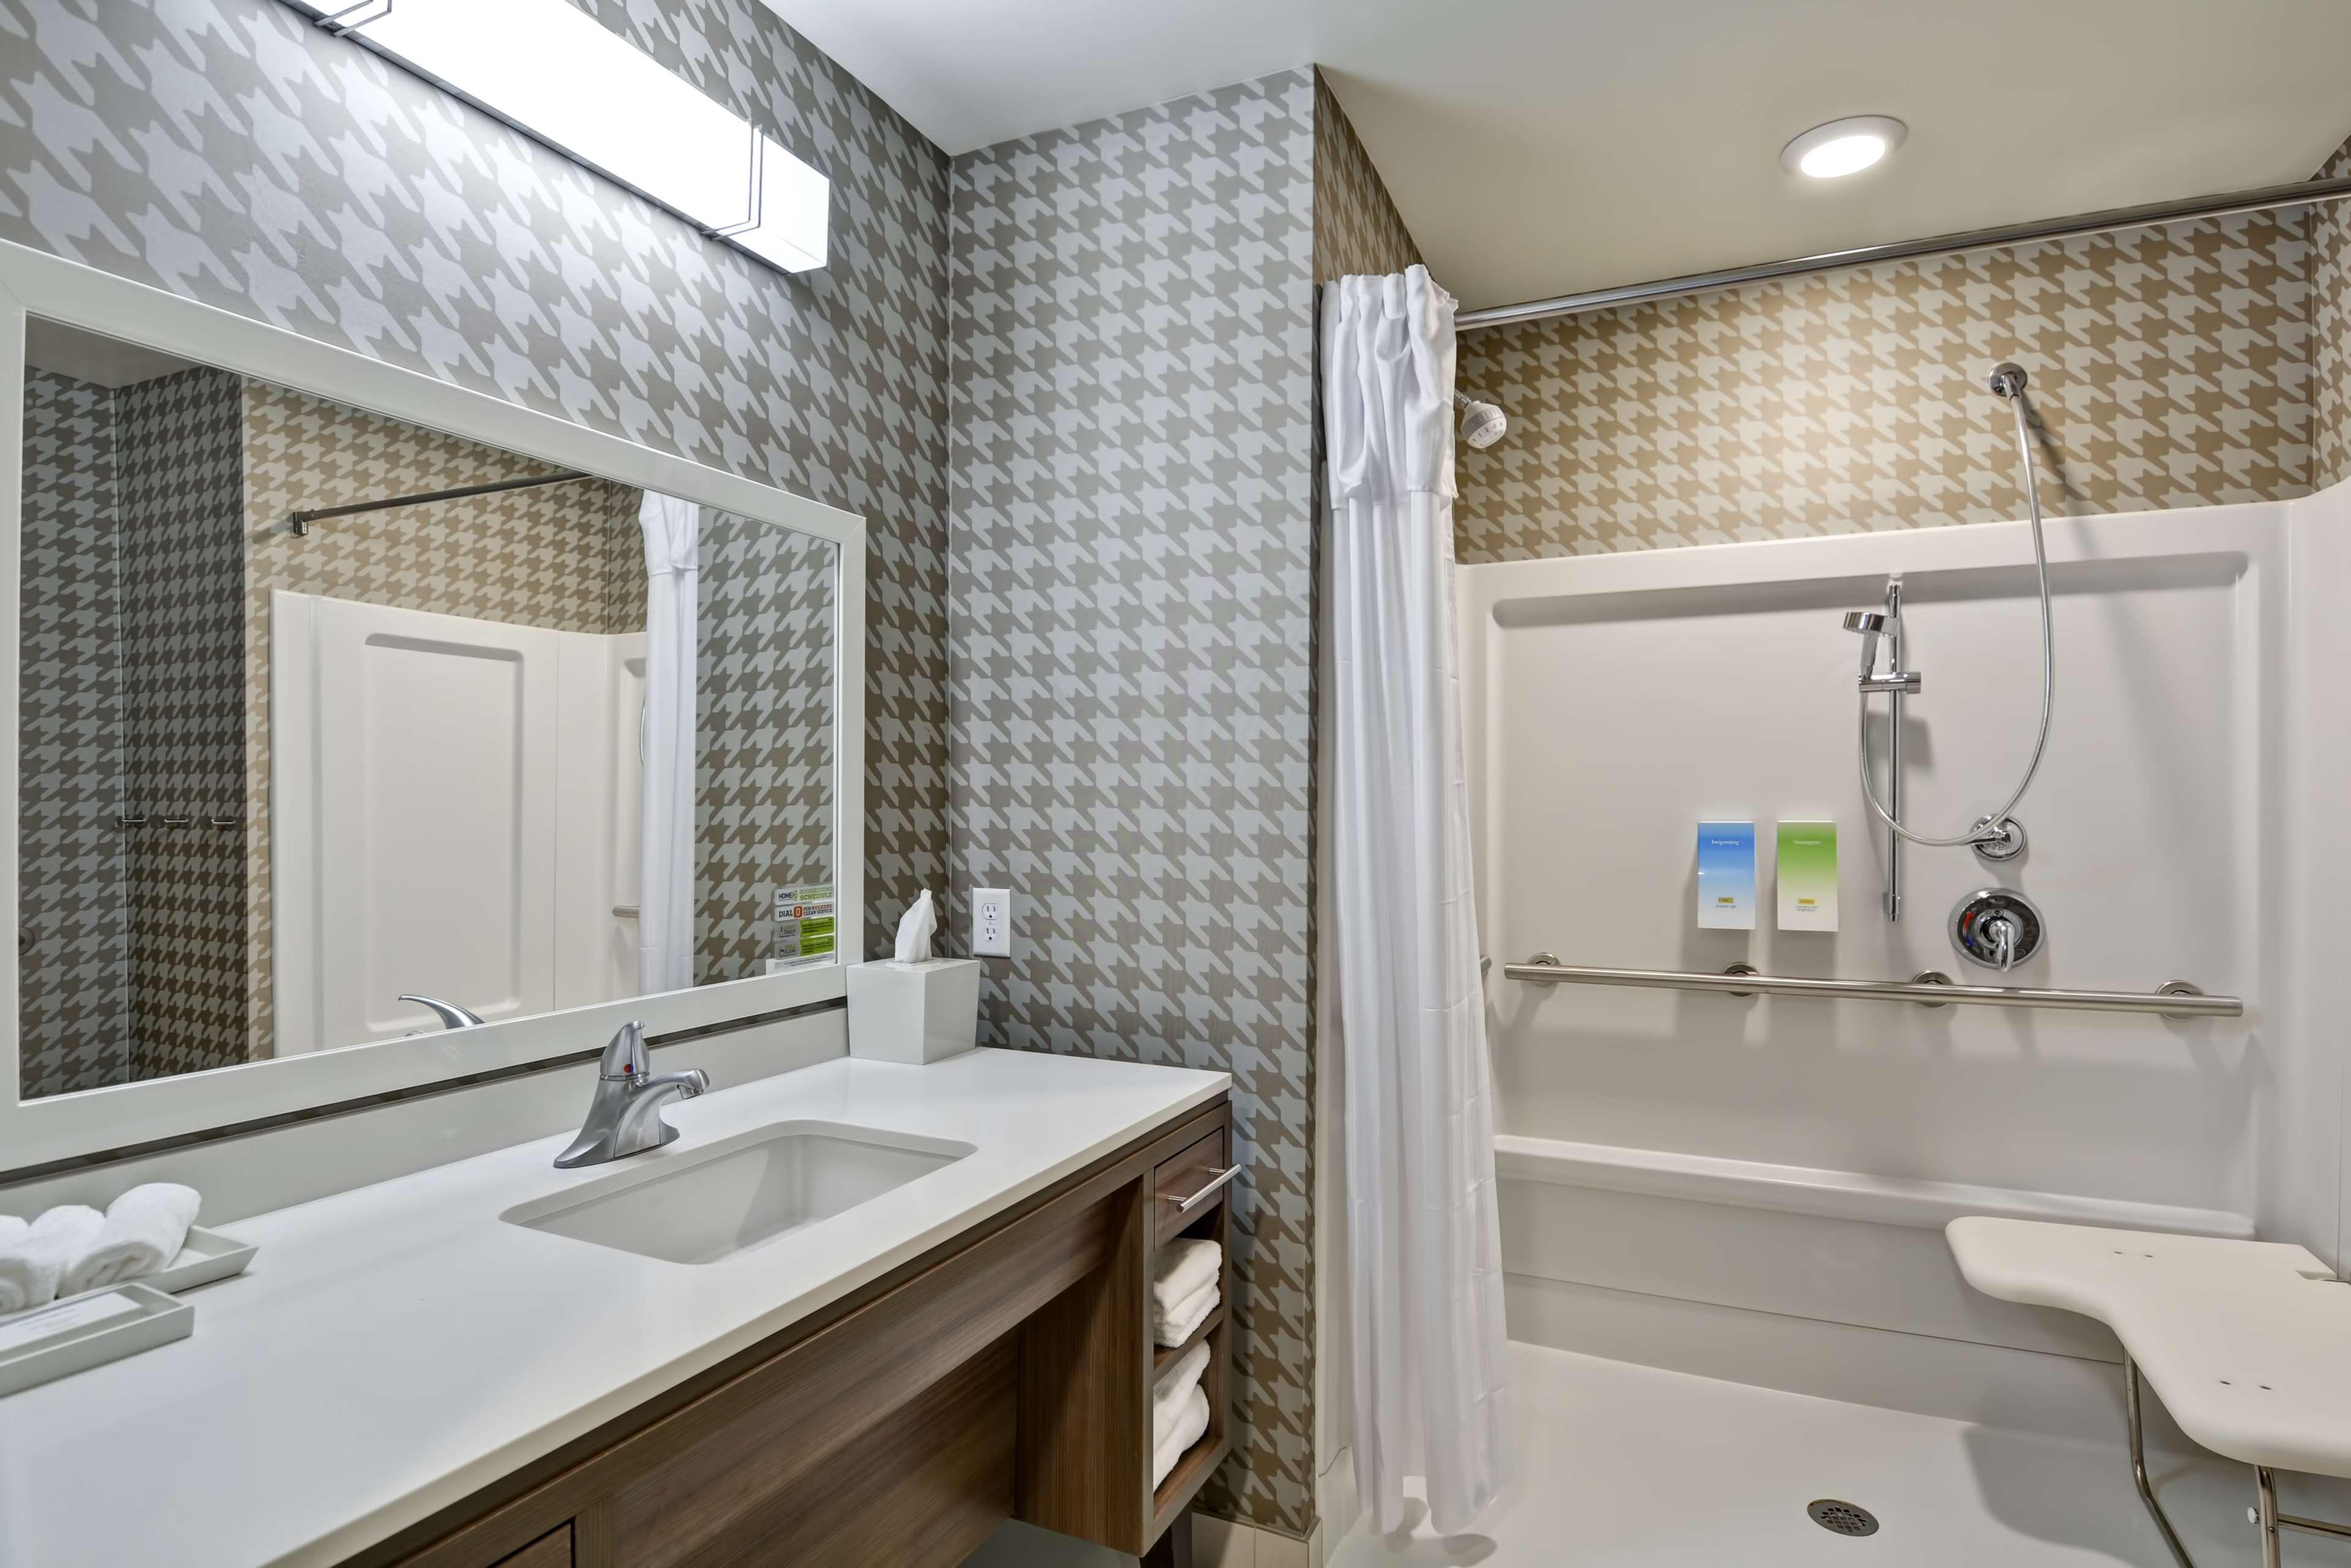 Home2 Suites by Hilton Lafayette image 24